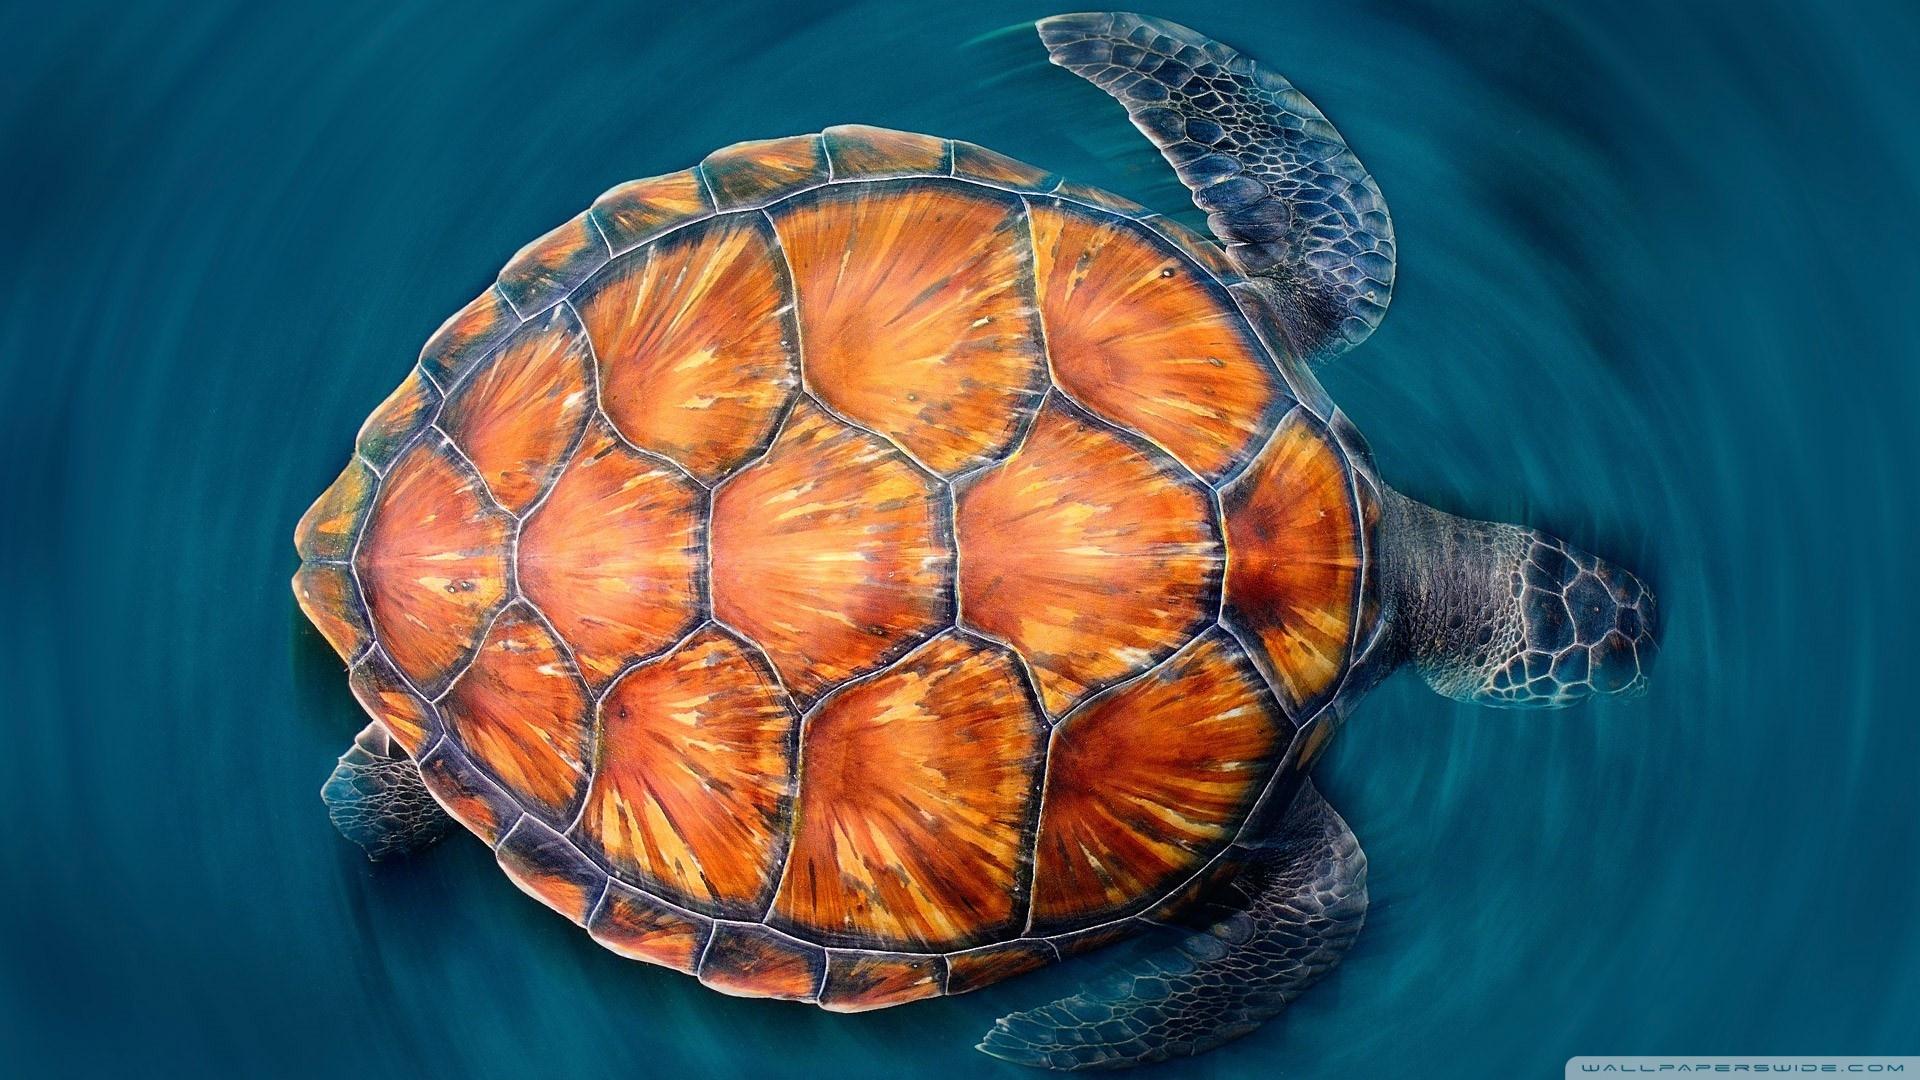 Sea Turtle 4K HD Desktop Wallpaper for 4K Ultra HD TV Tablet 1920x1080